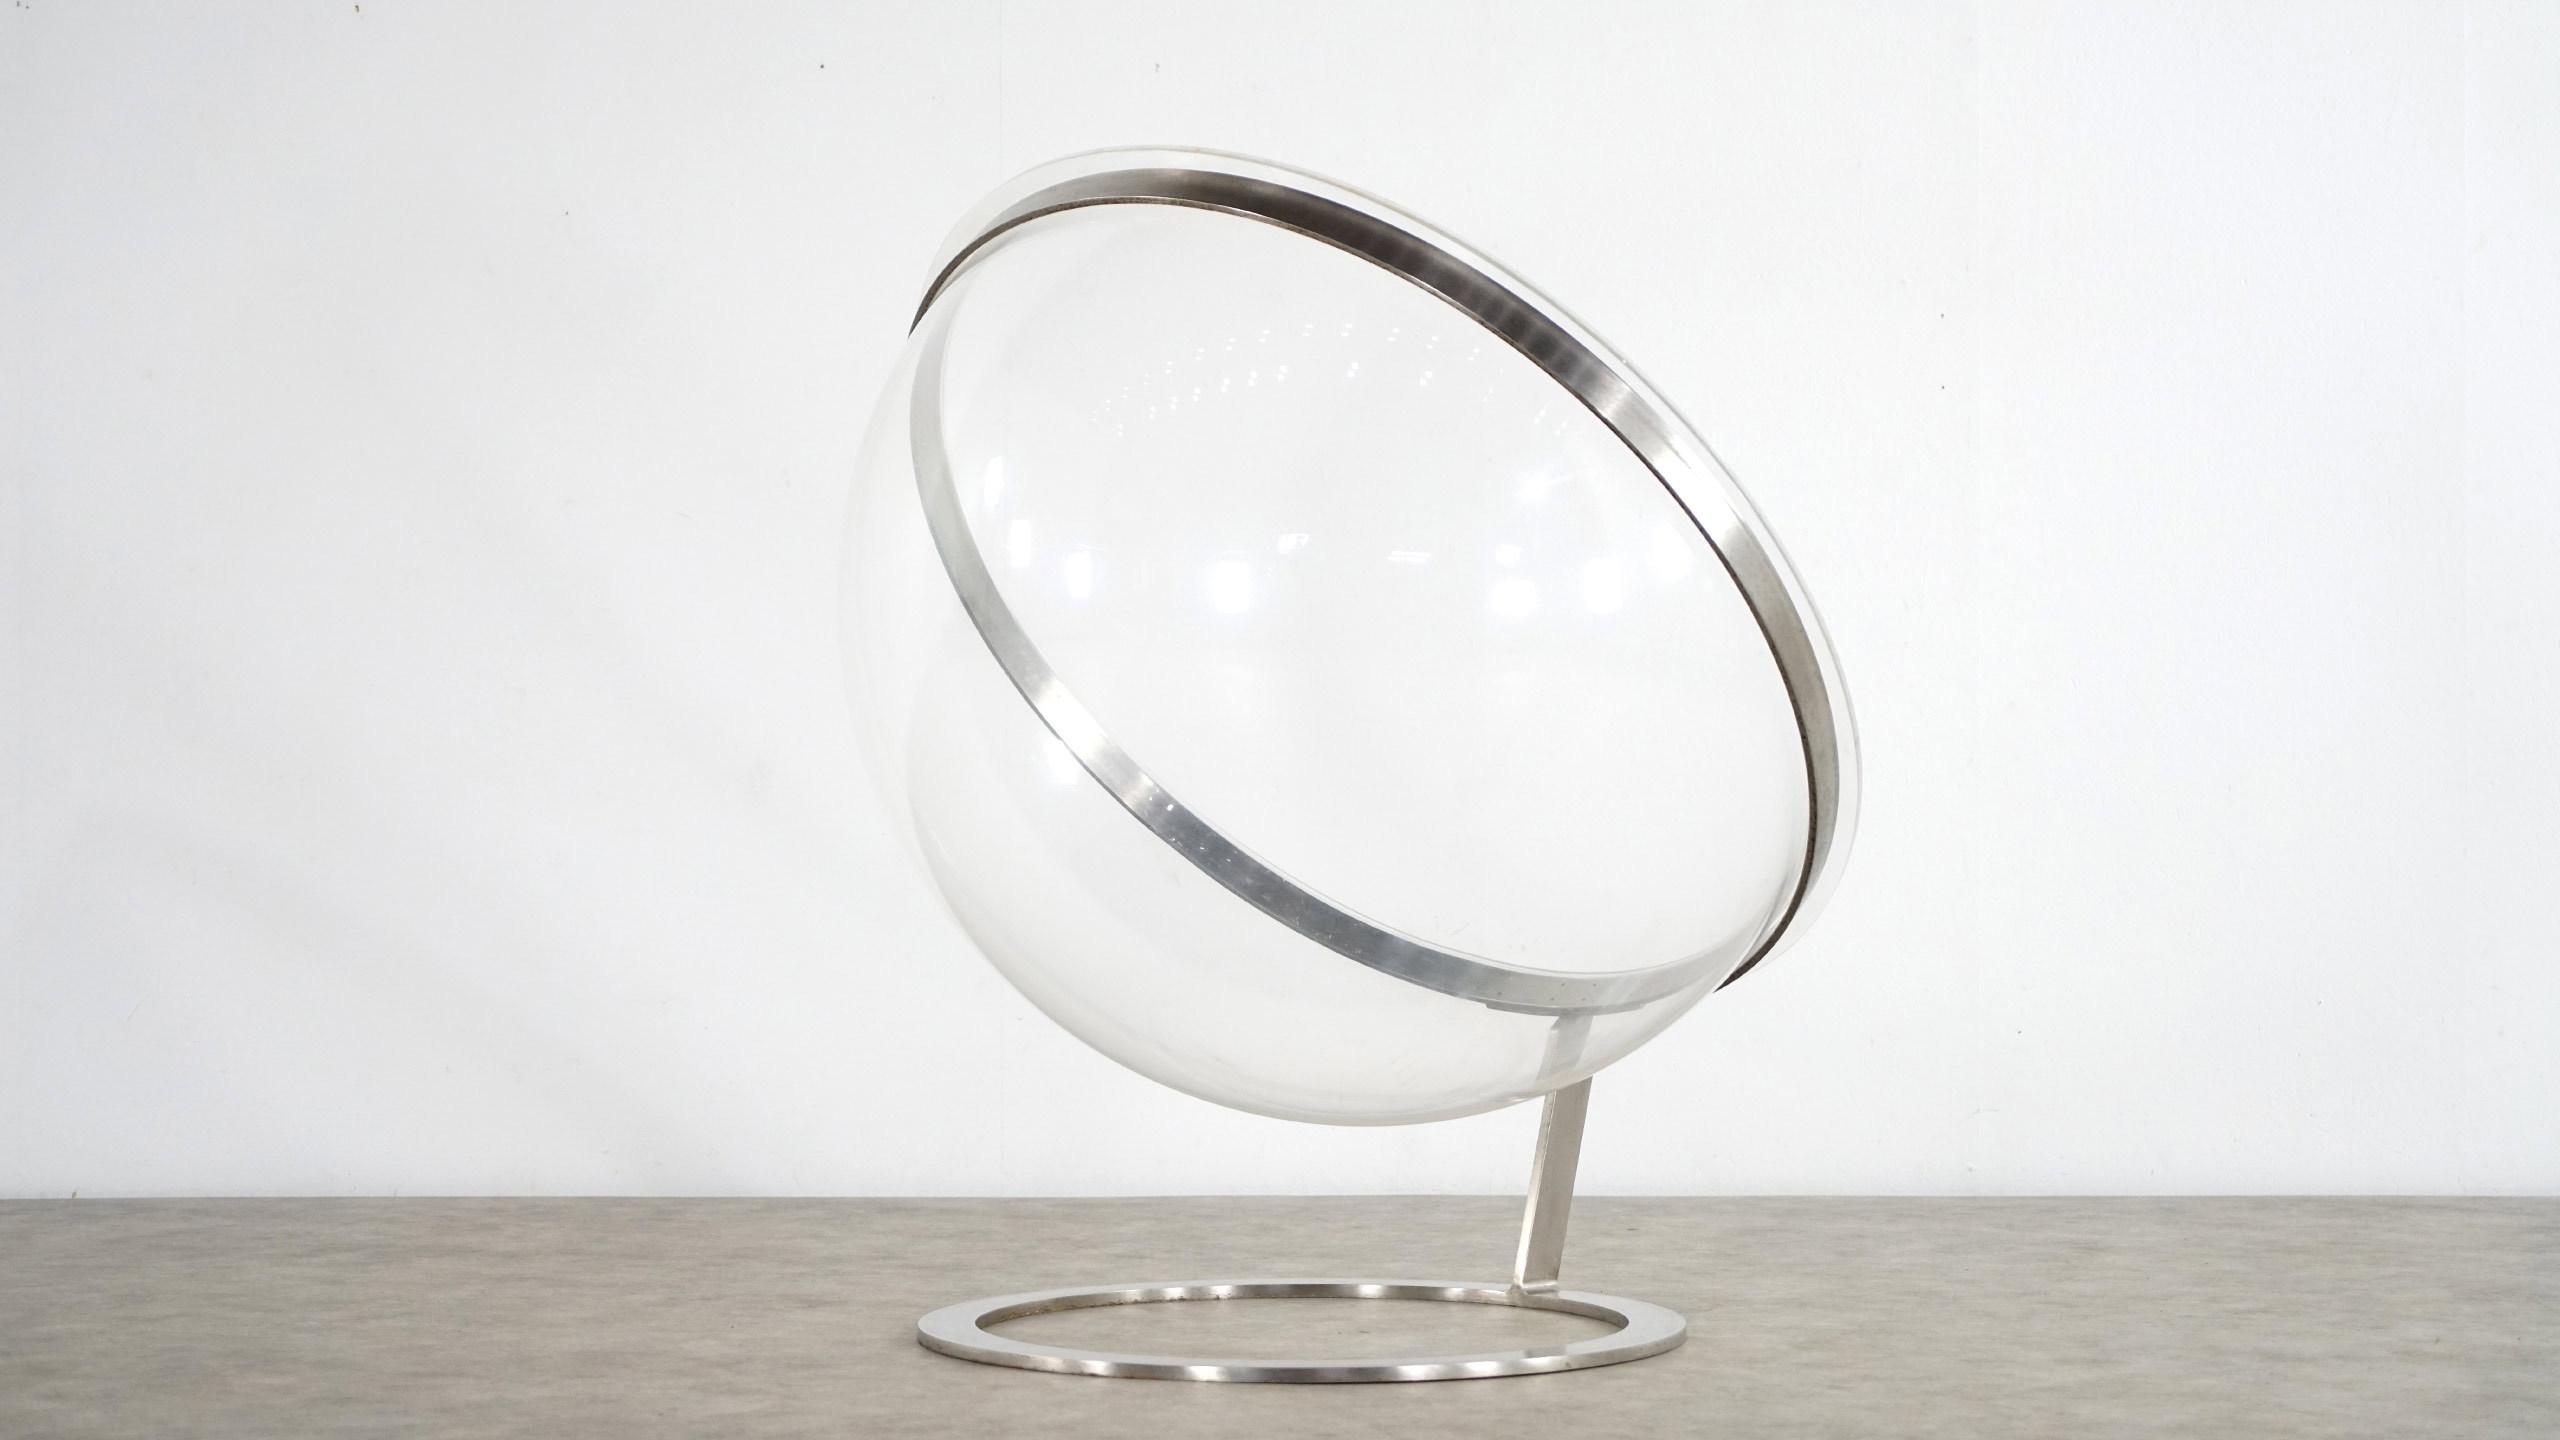 Bubble chair dimensions - Dimensions W 46 06 Inch H 48 82 Inch D 39 37 Inch W 117 Cm H 124 Cm D 100 Cm Designer Christian Daninos Manufacturer Formes Nouvelles